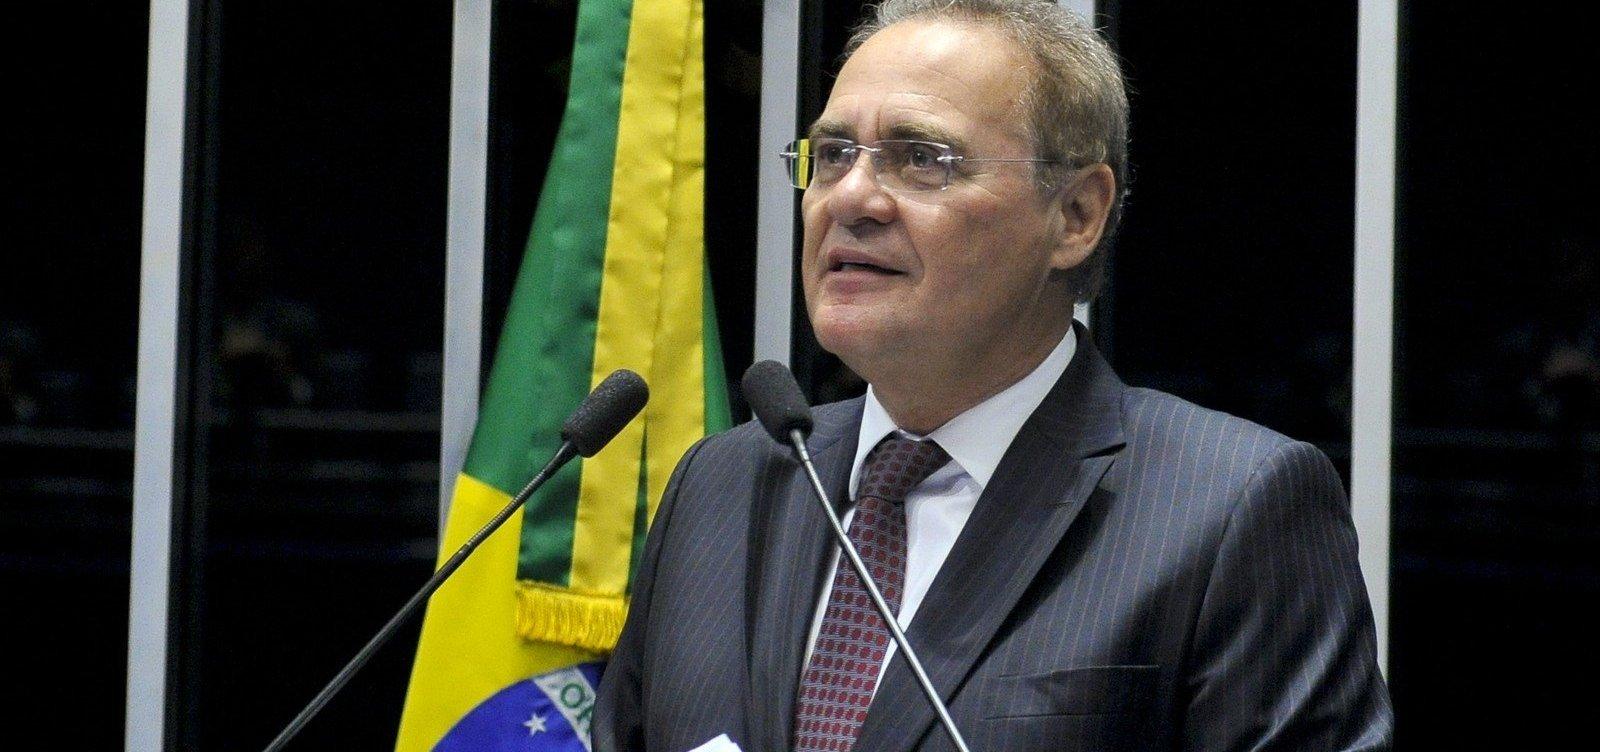 [STJ recebe denúncia contra Renan Calheiros que vira réu pela primeira vez na Lava Jato]